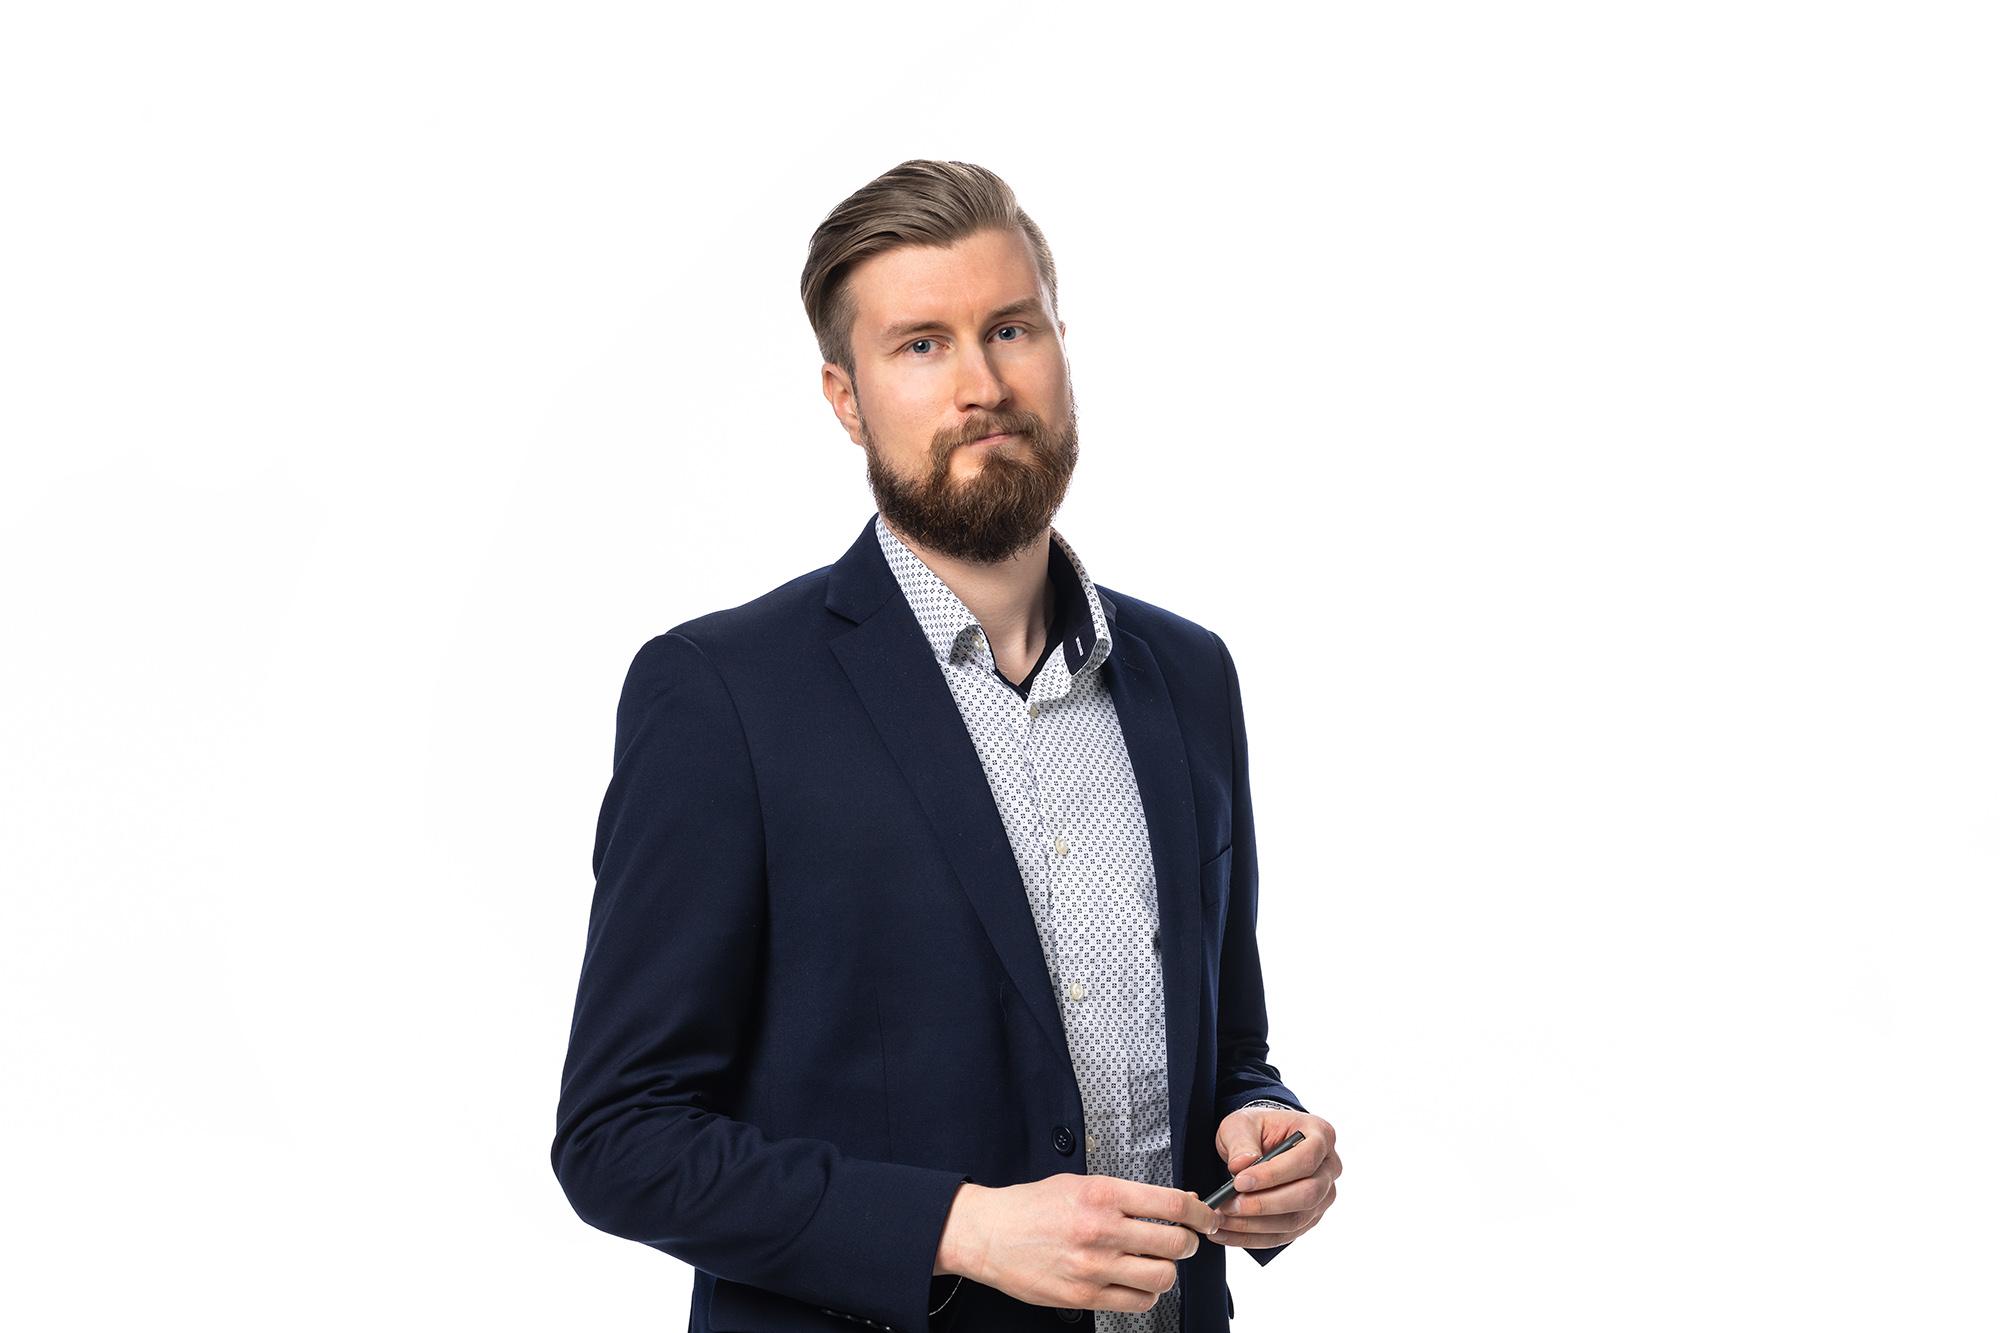 Anssi Kekki aloitti projektipäällikkönä Metsäteollisuuden murros sijoittumispalveluiden suuntaajana -hankkeessa